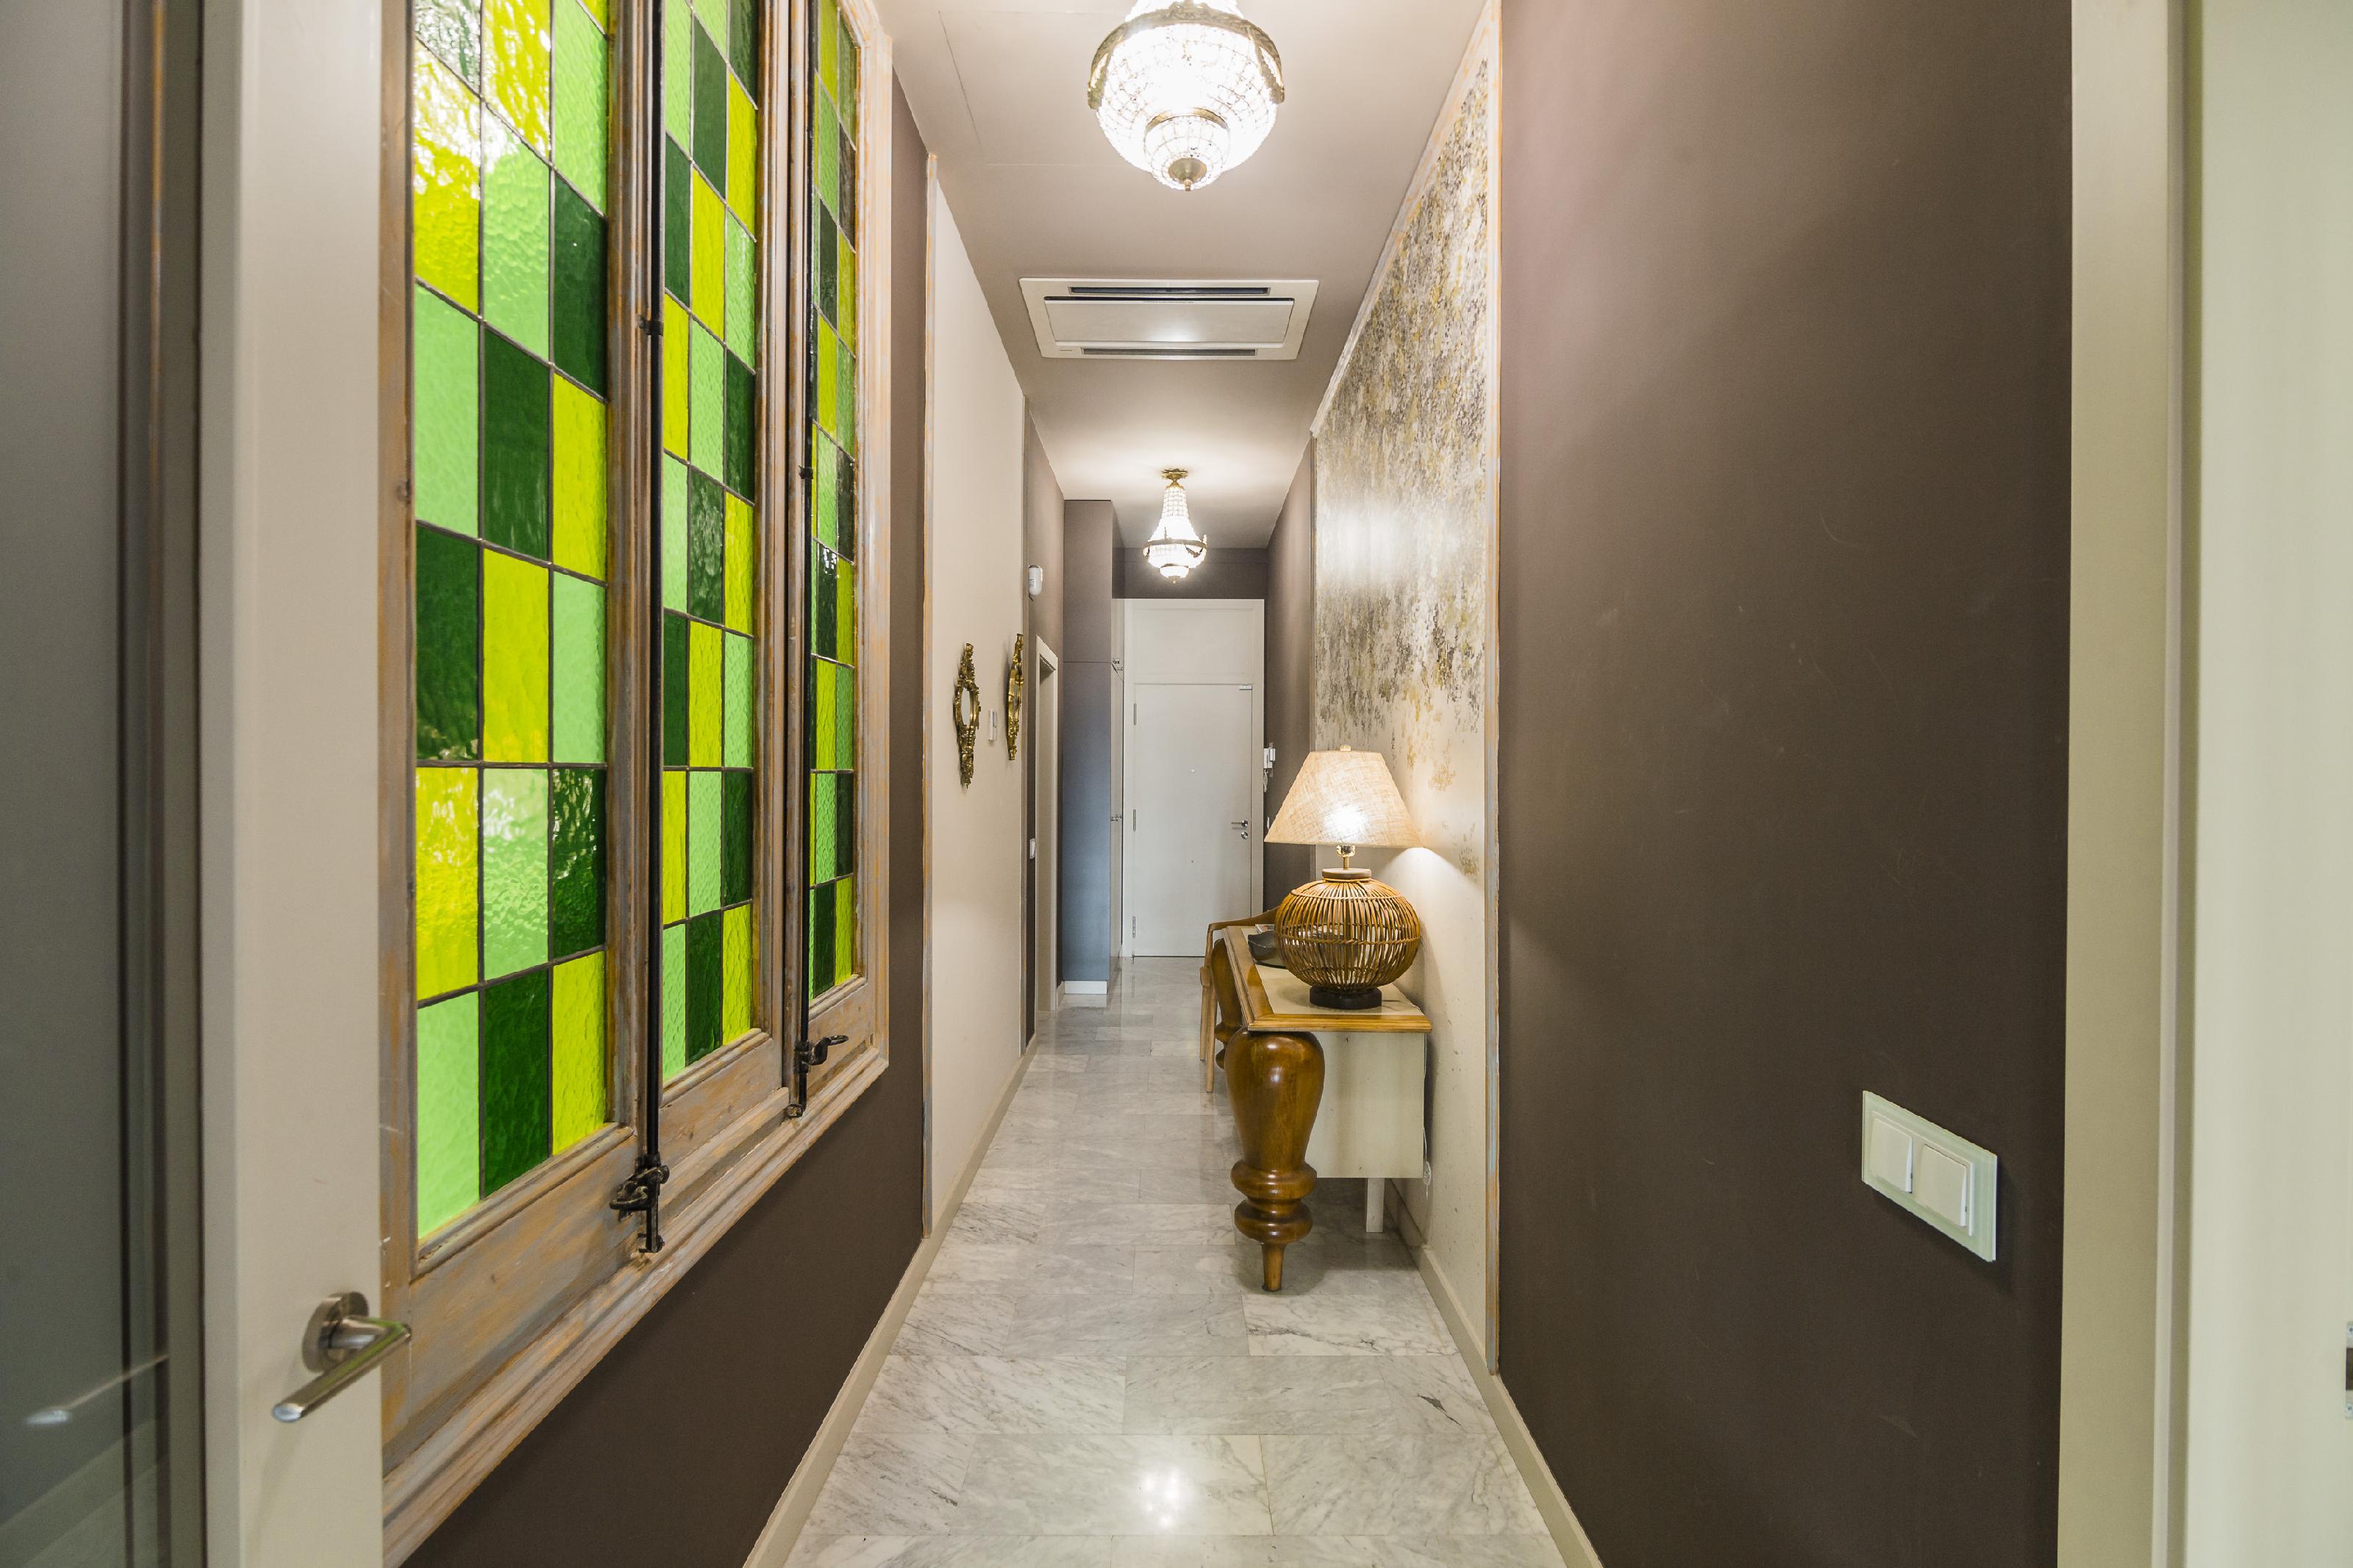 248206 Flat for sale in Gràcia, Vila de Gràcia 8